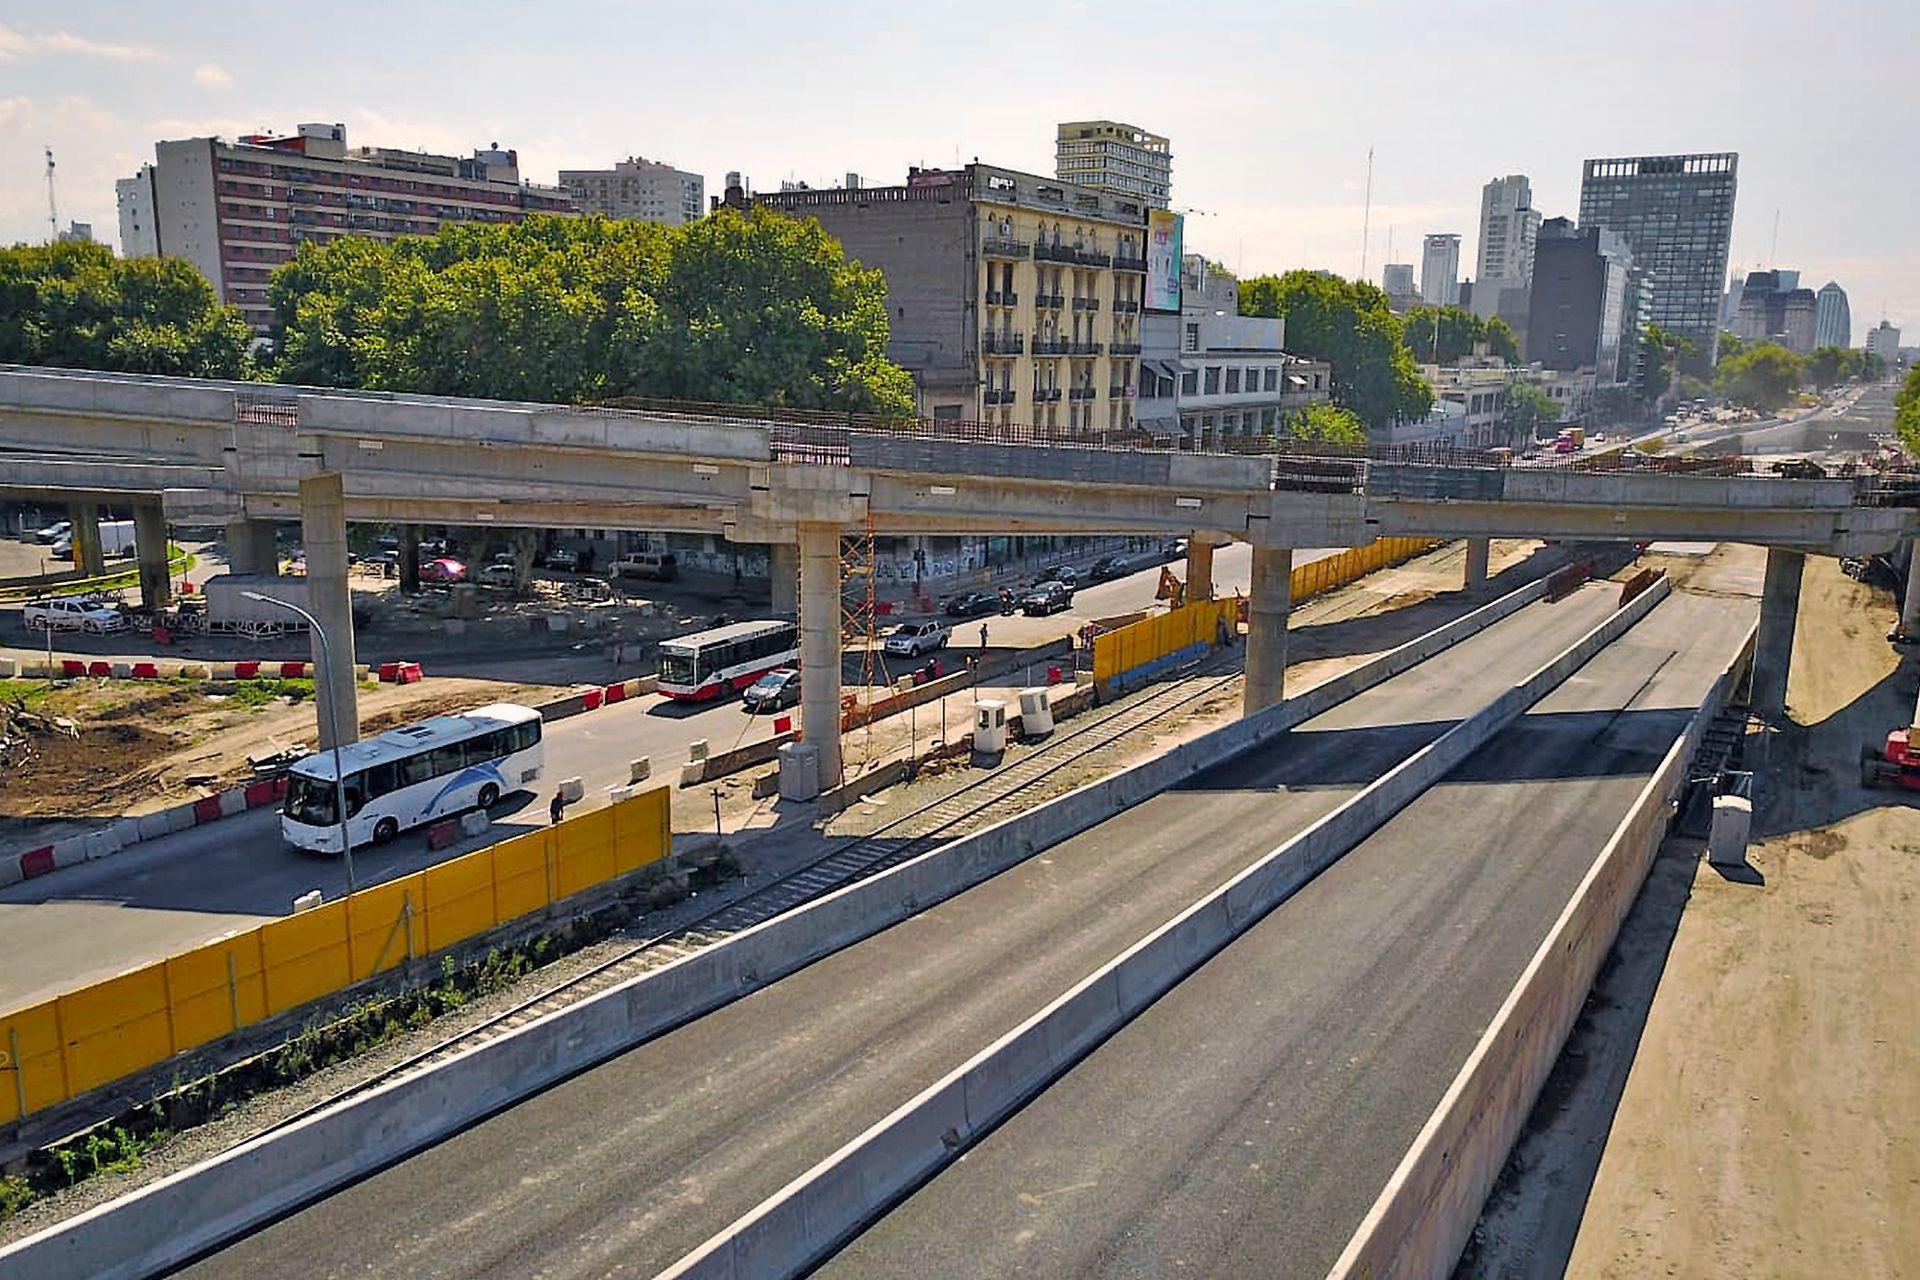 Los autos particulares circularán a nivel: hacia el sur habrá cuatro carriles para tránsito liviano separados por un bulevar arbolado